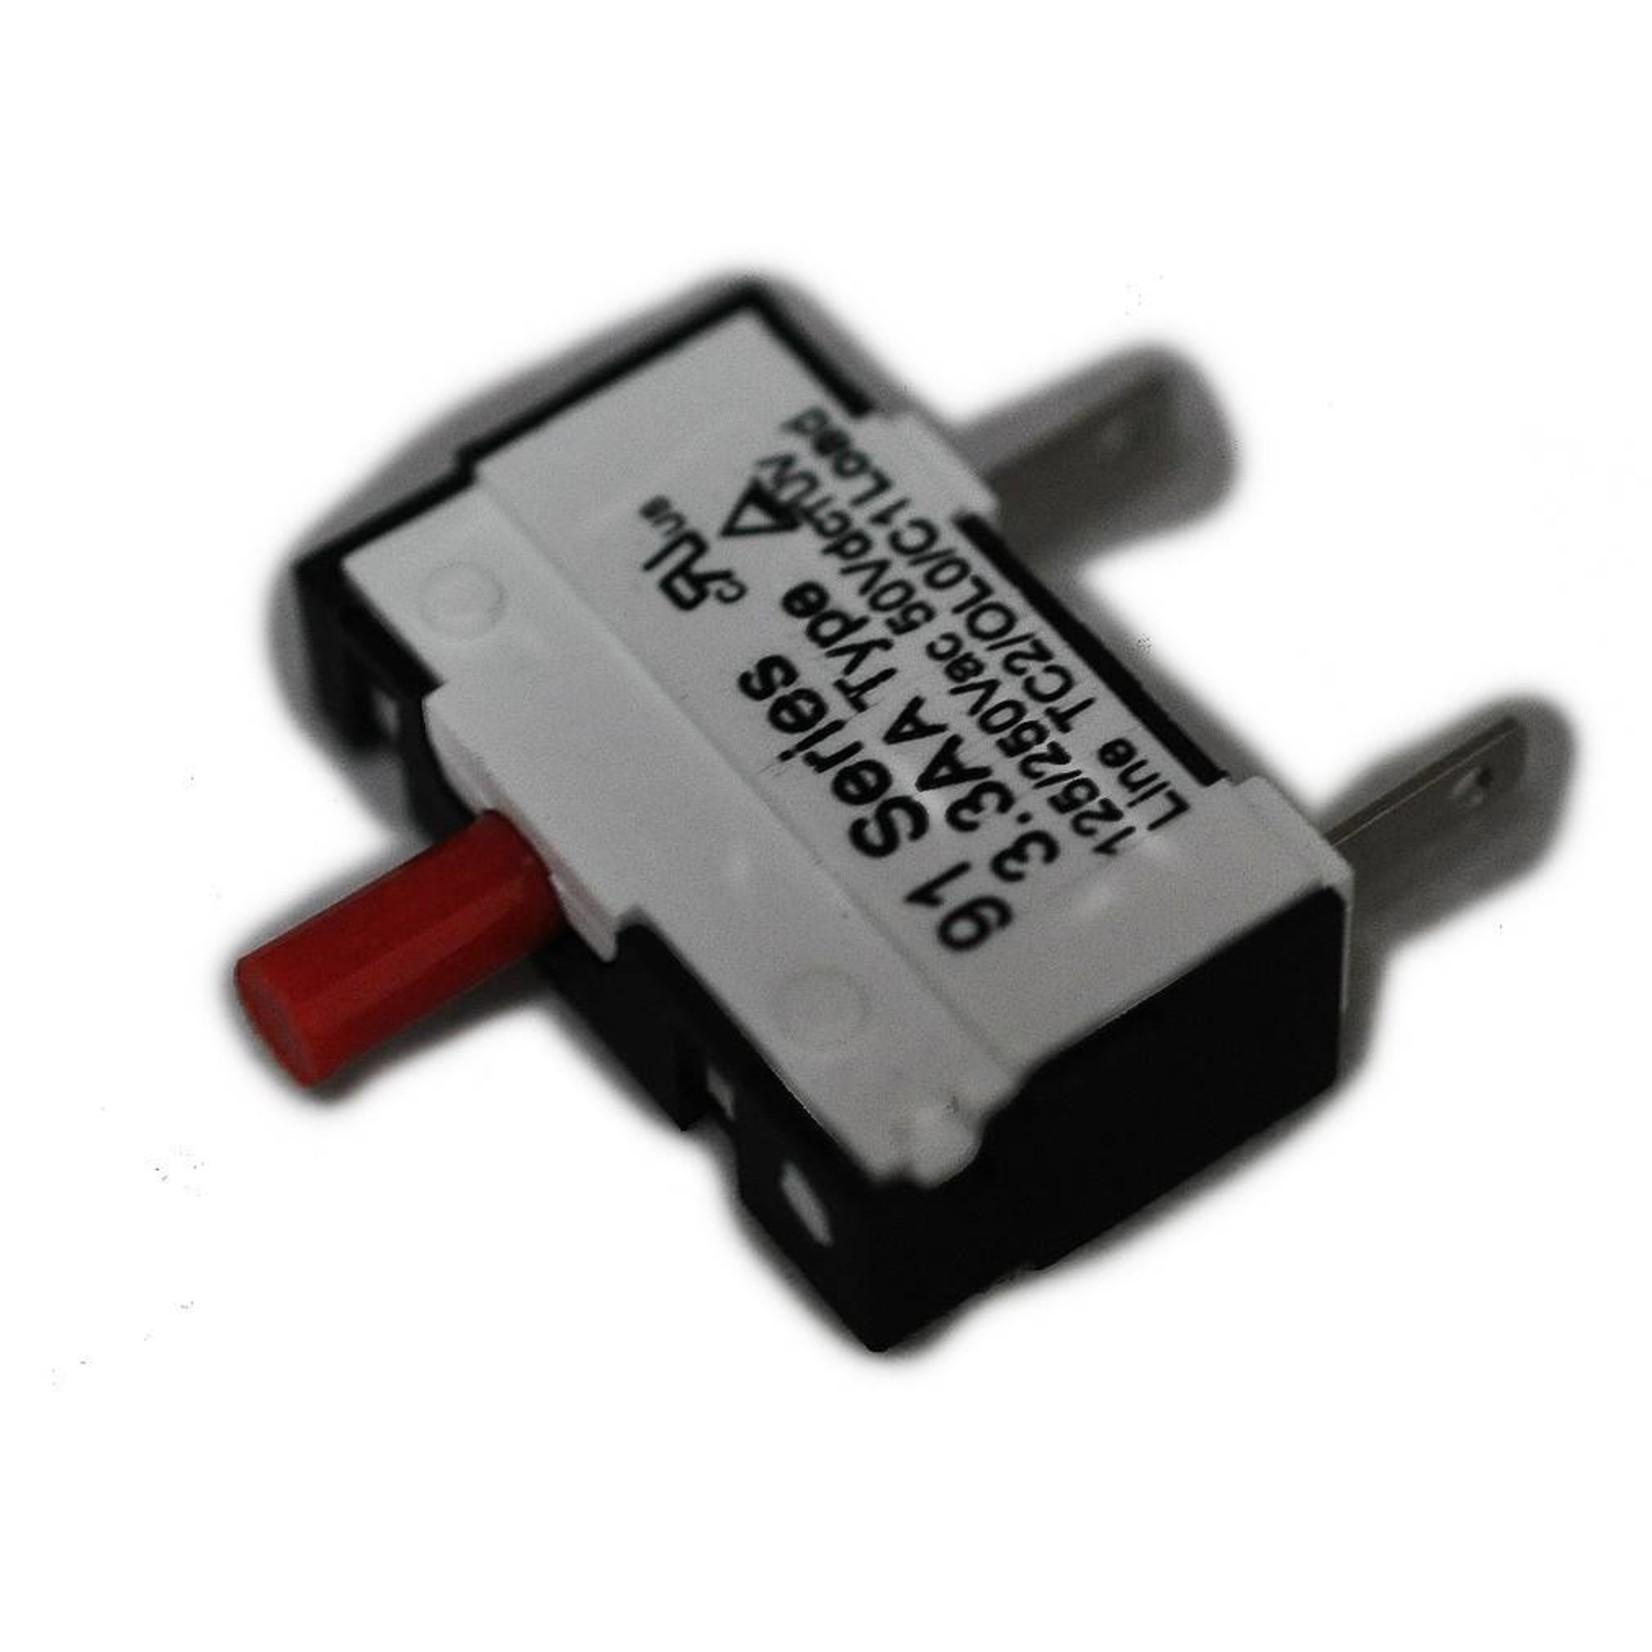 Dyson Dyson DC17 & DC25 Reset Switch